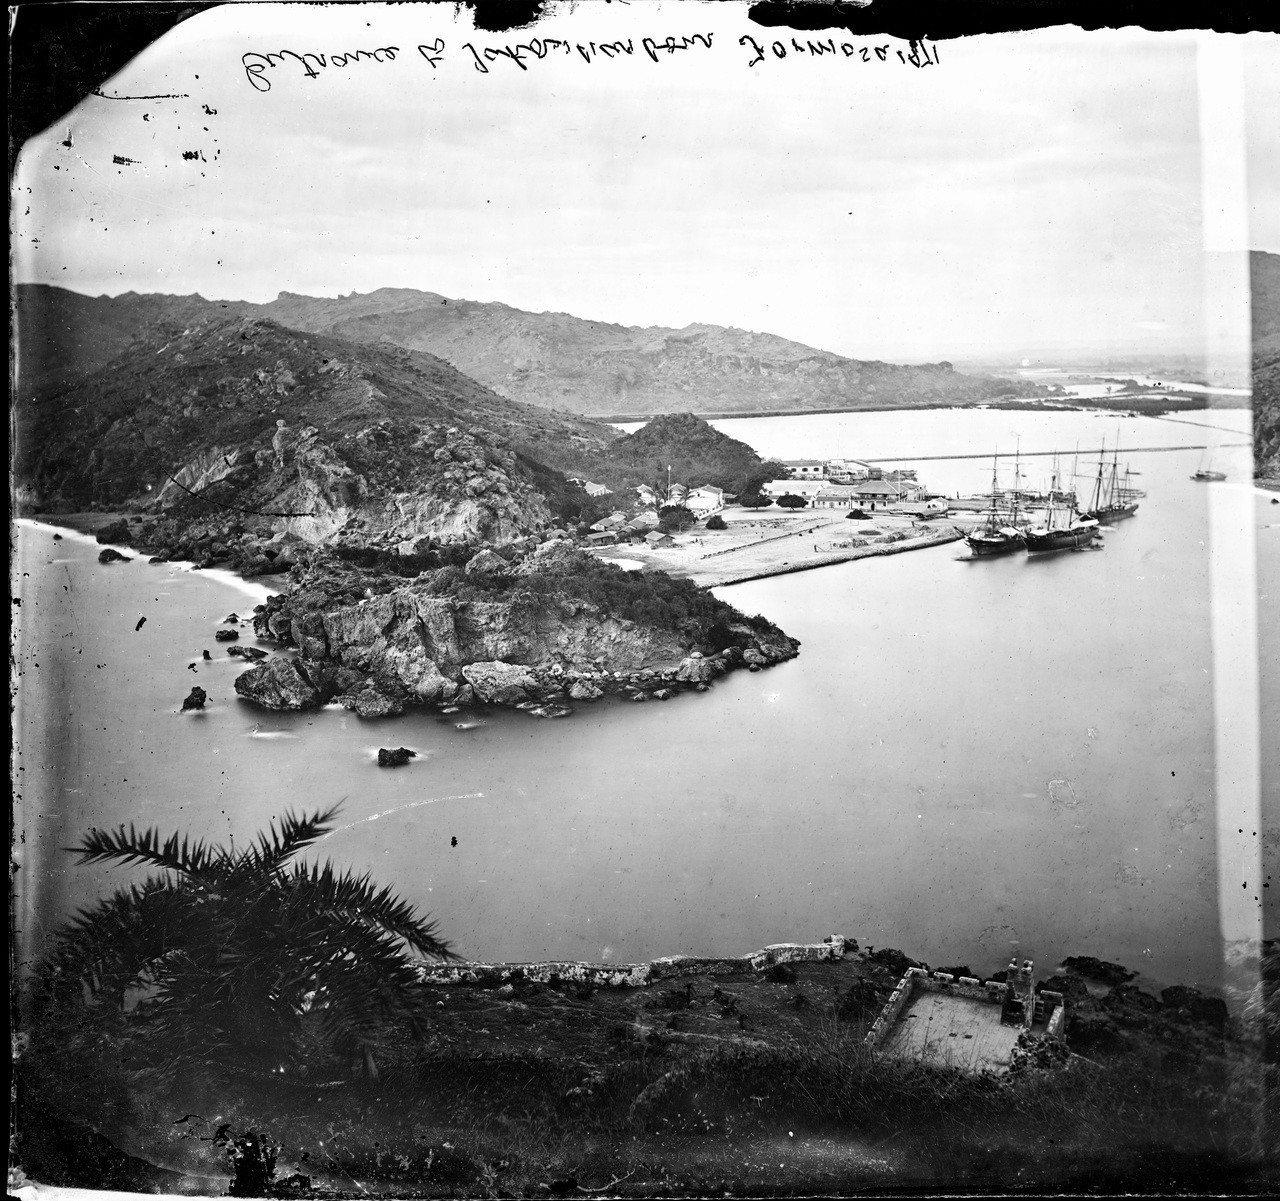 英國攝影家約翰湯姆生攝於1871年的打狗港老照片,當年哨船頭曾是大型船隻停靠區。...